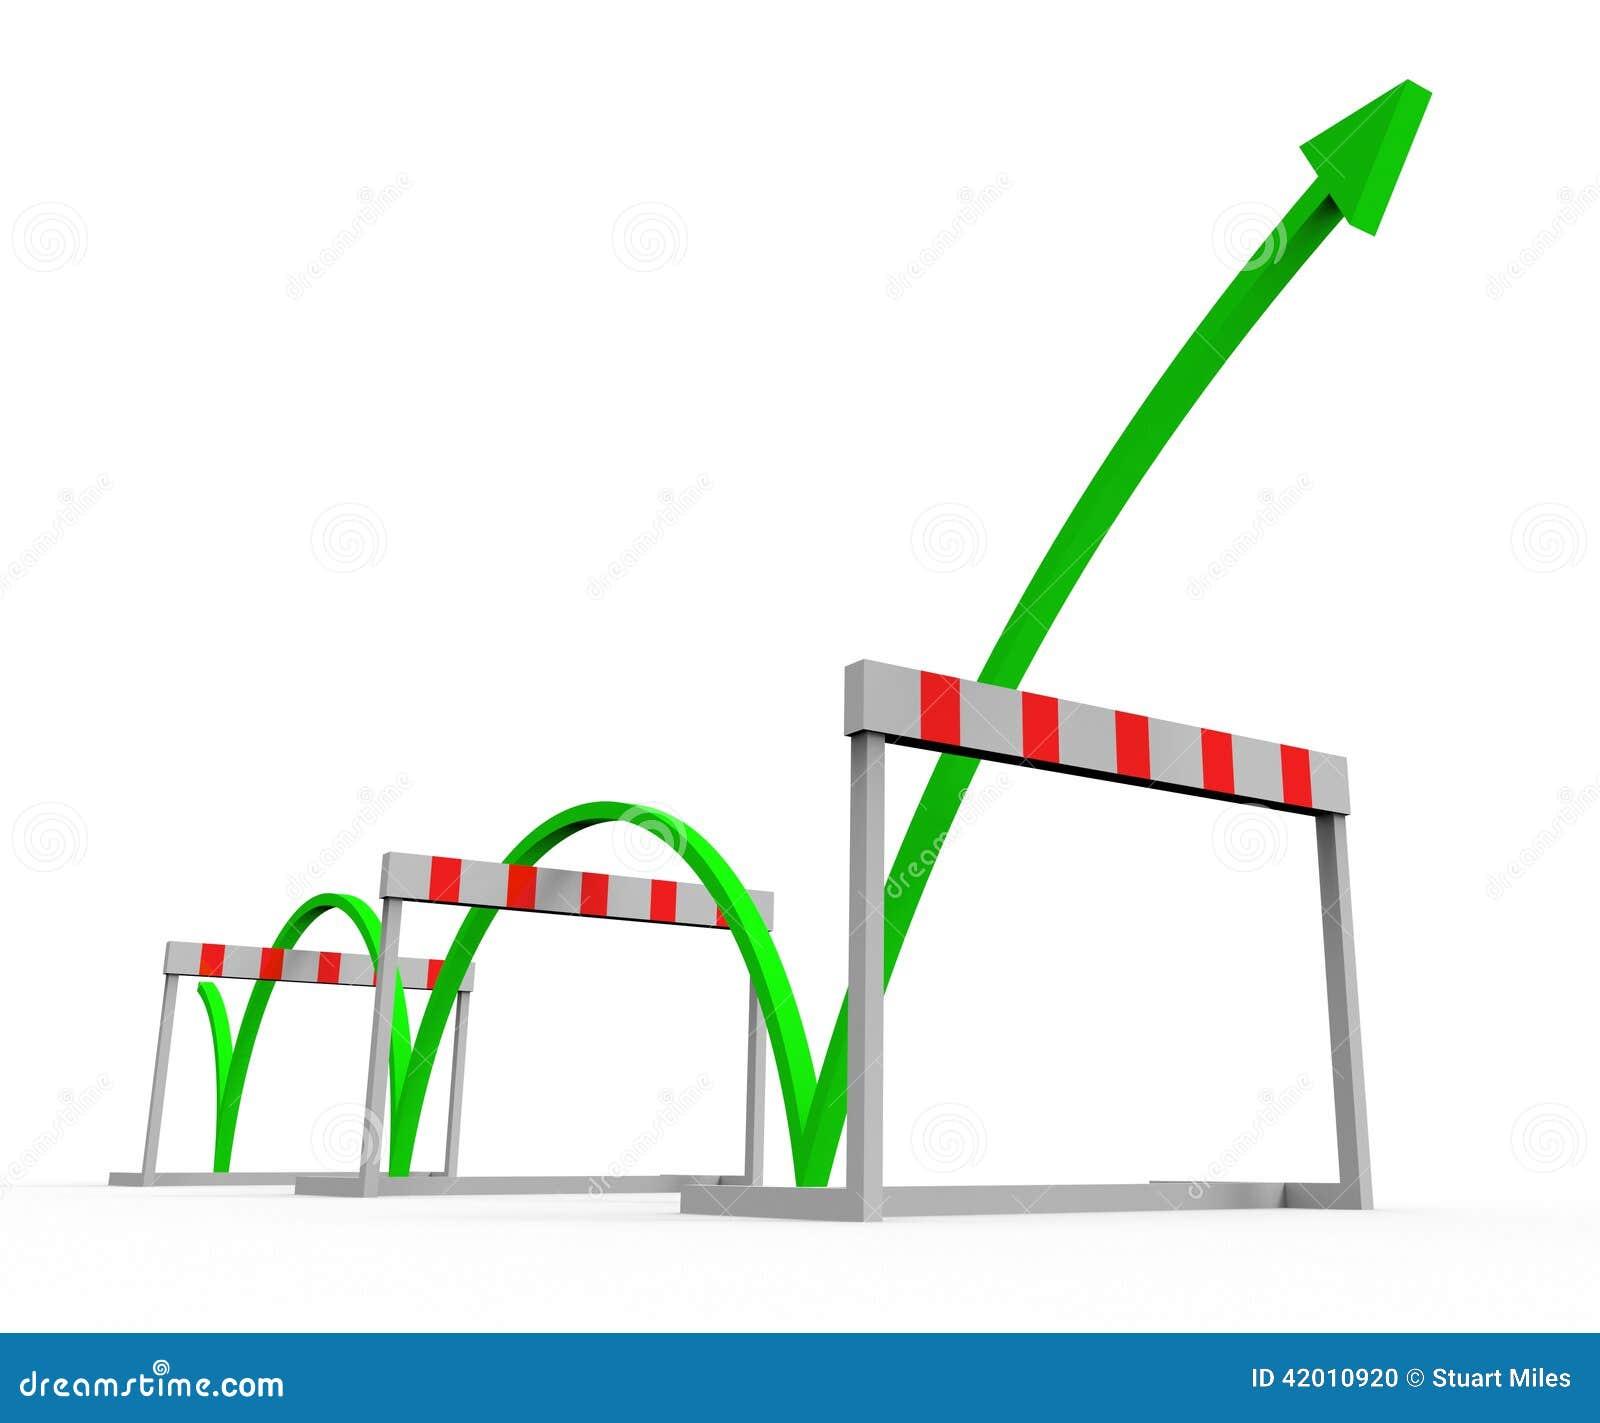 Hürden überwinden